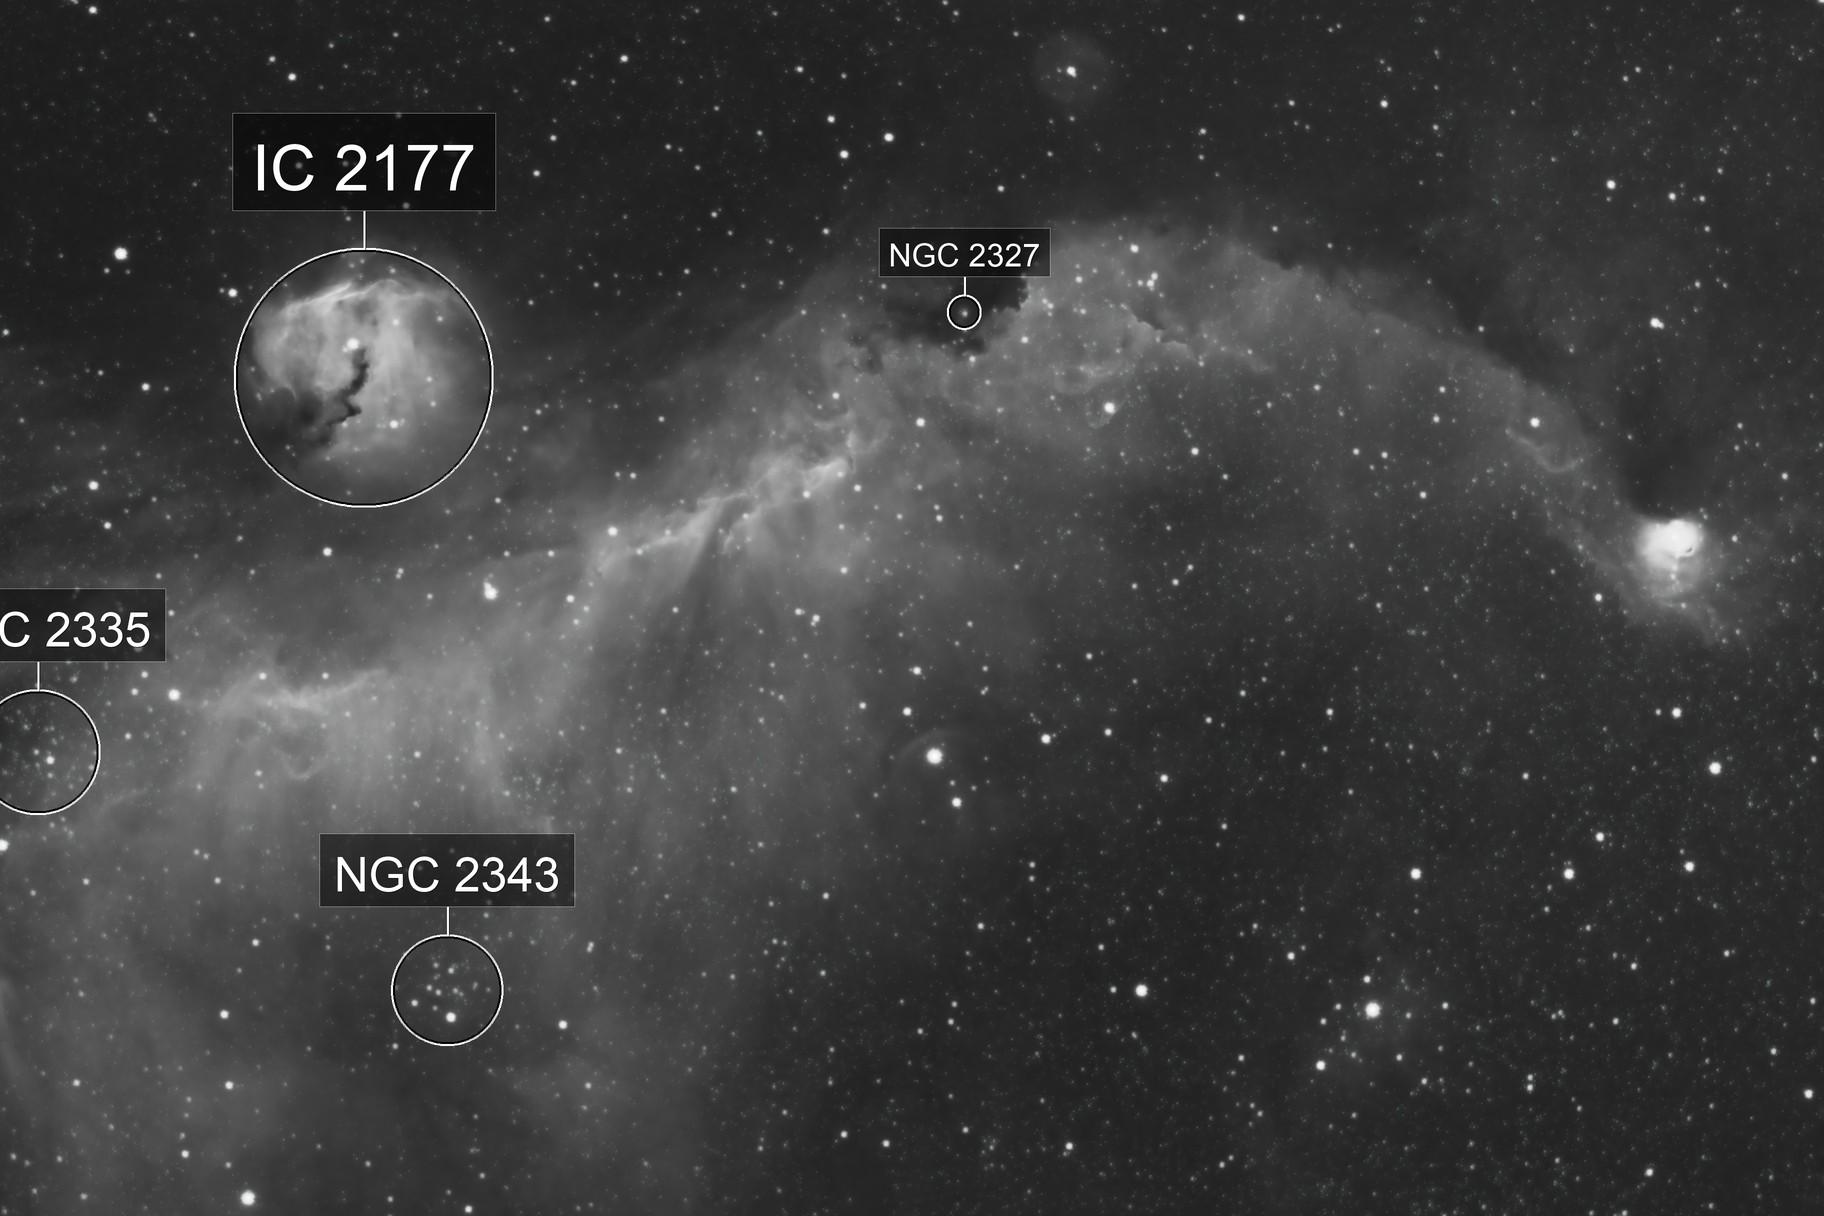 IC 2177, The Seagull Nebula